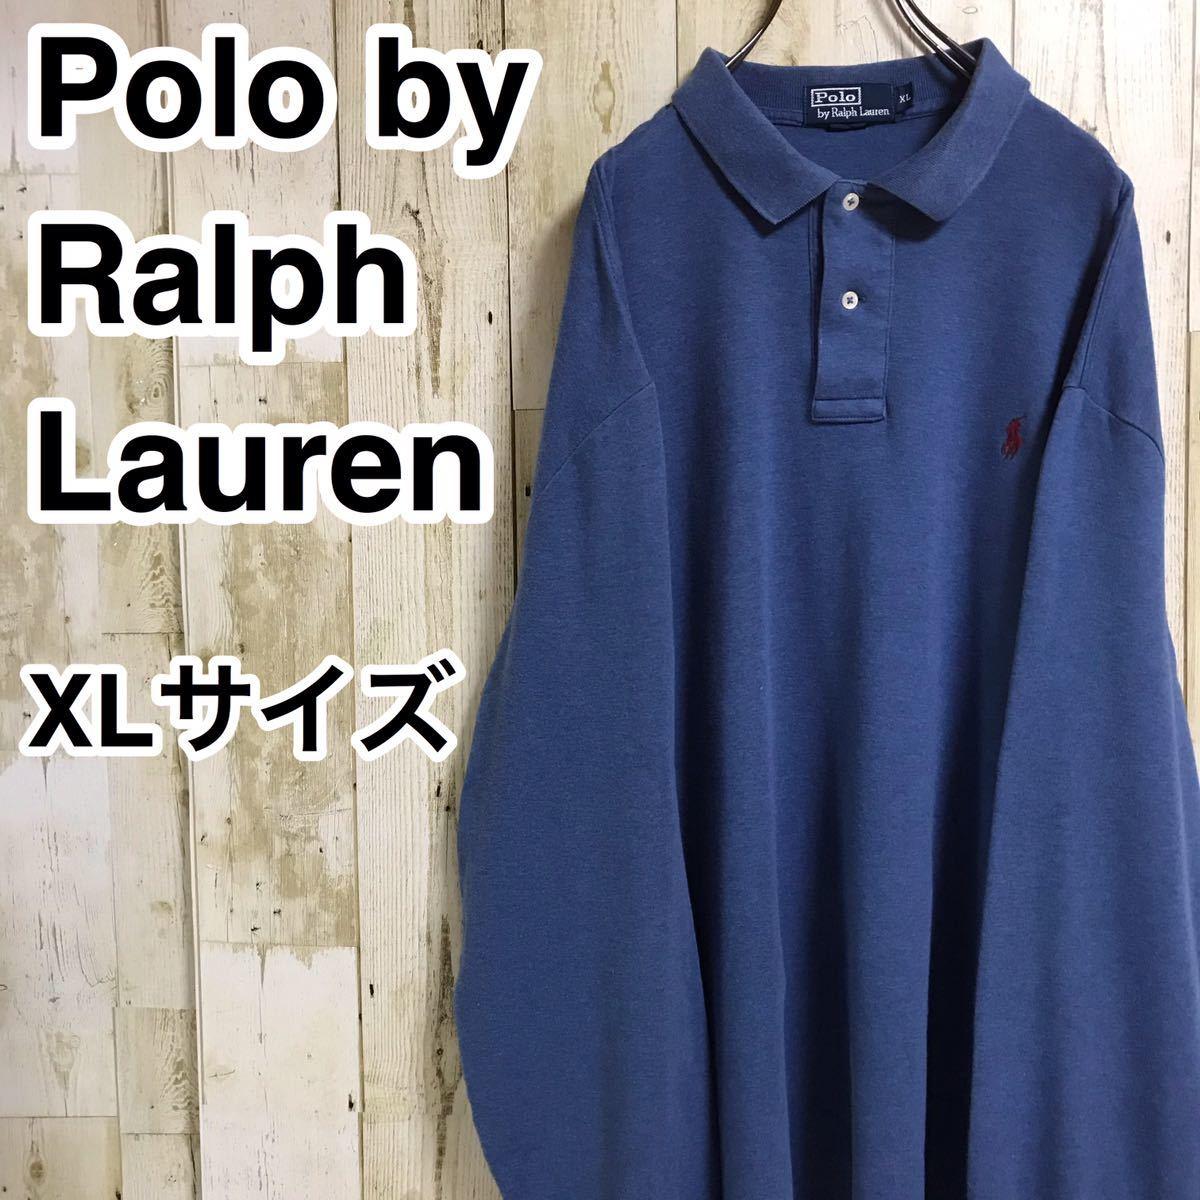 ポロバイラルフローレン 長袖シャツ ポロシャツ XL くすみブルー 刺繍ロゴ レッドポニー ビッグサイズ オーバーサイズ